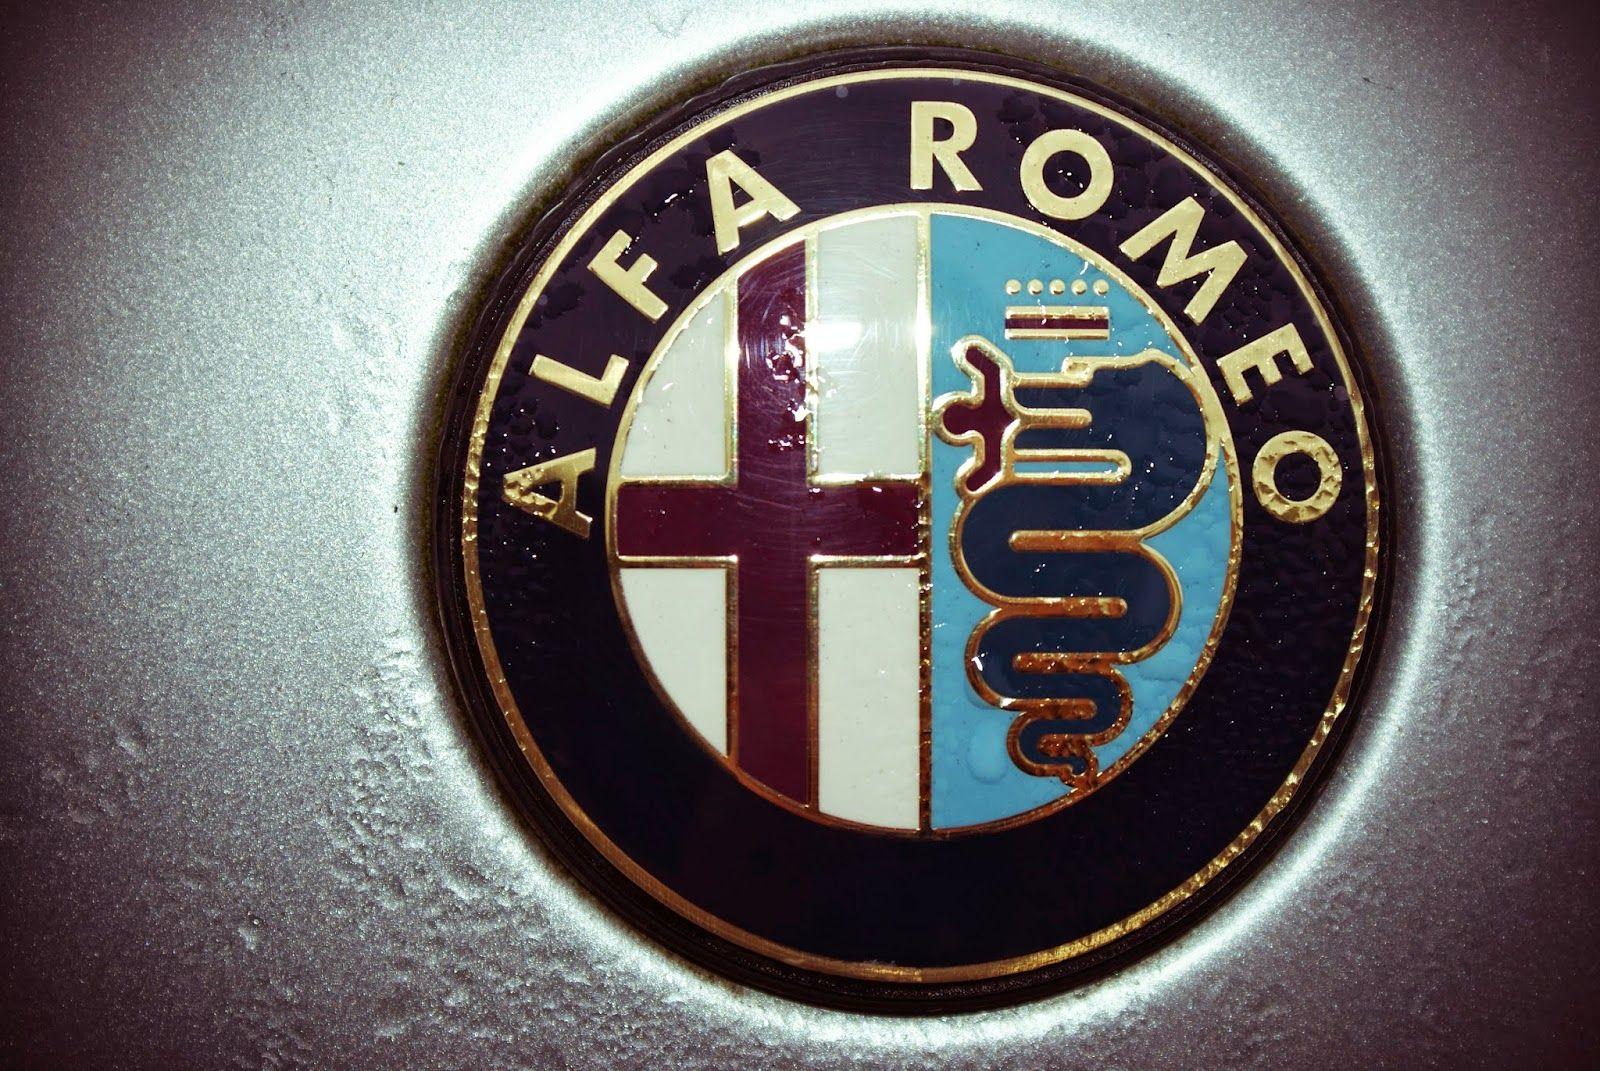 histoire de la marque de voiture italienne alfa romeo marque de voiture pinterest. Black Bedroom Furniture Sets. Home Design Ideas